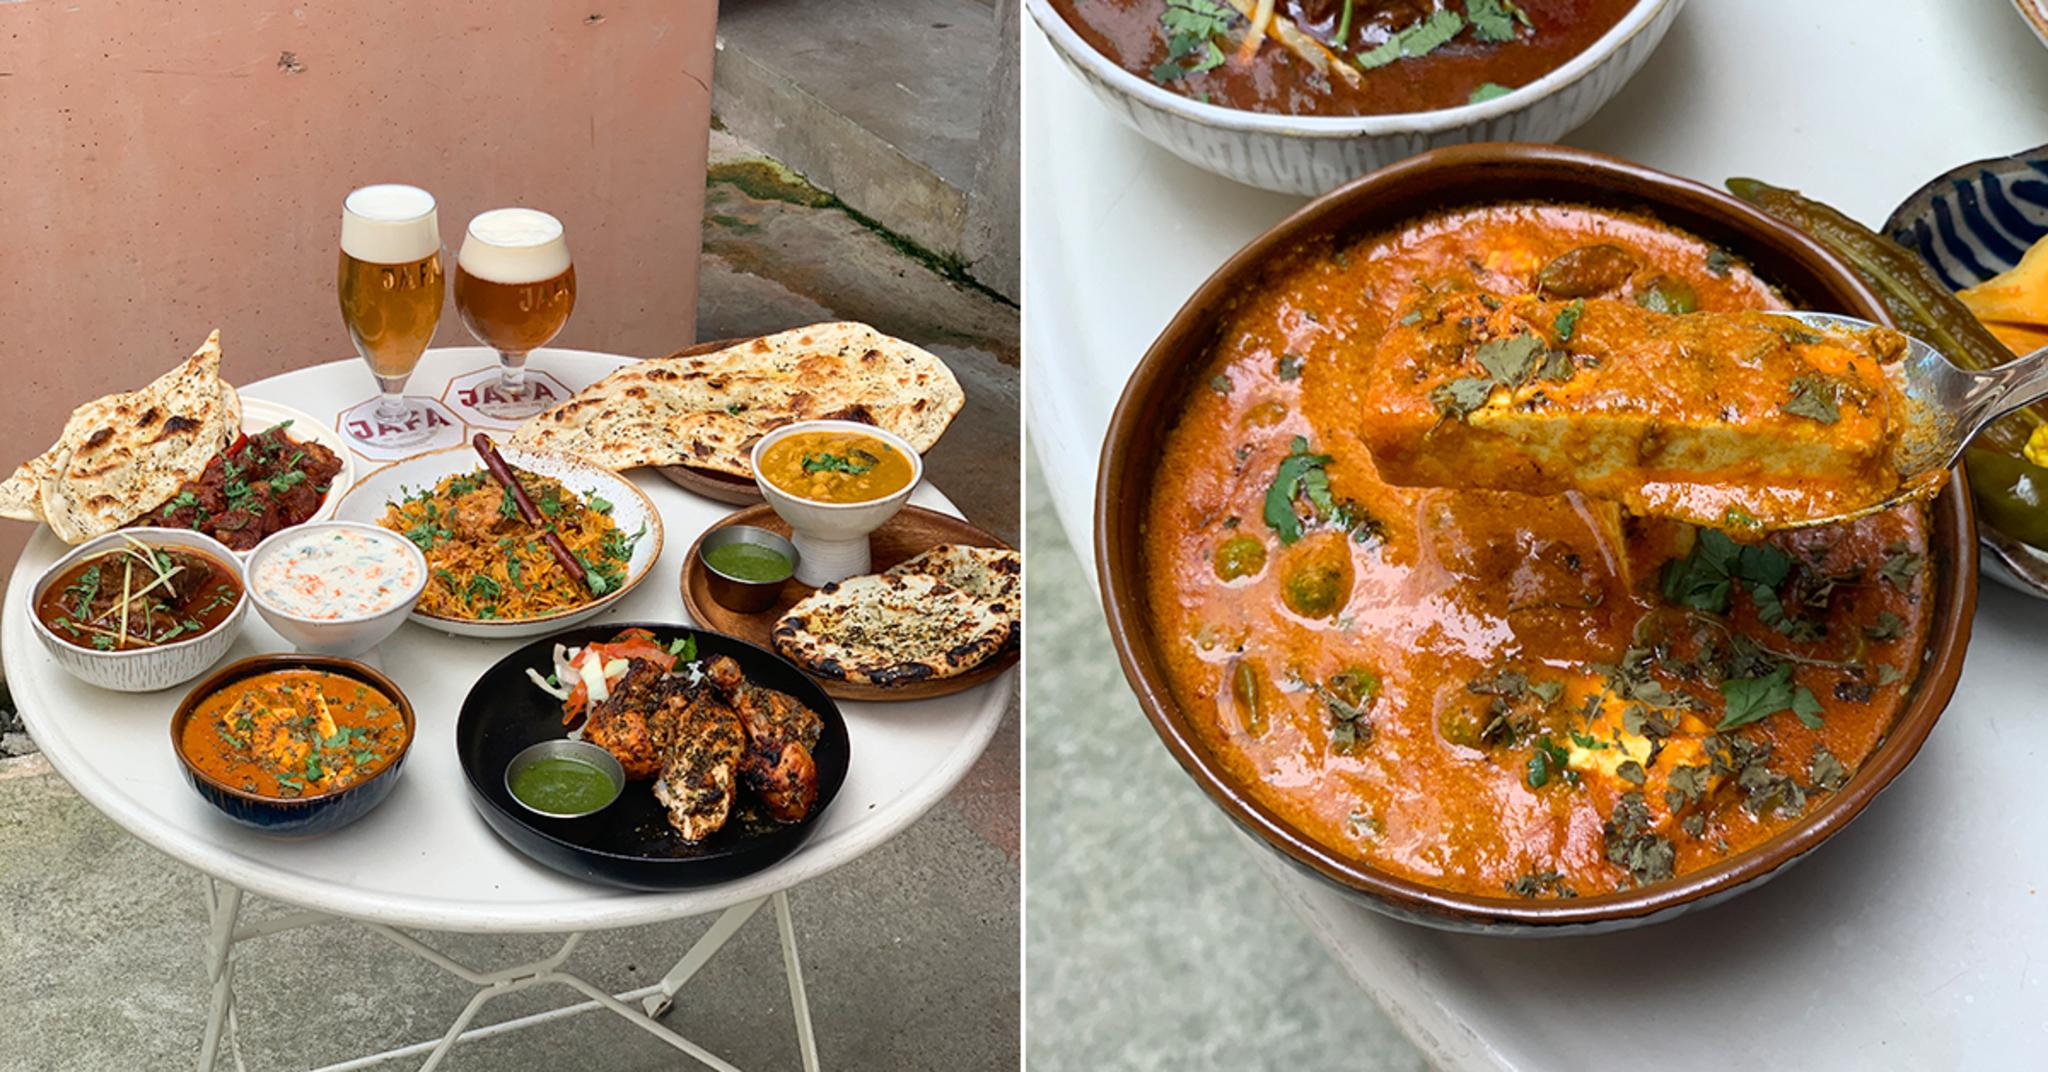 찐- 인도 음식을 만나다! 성수동 인디카  사진 - 여기가 인도인지 한국인지!